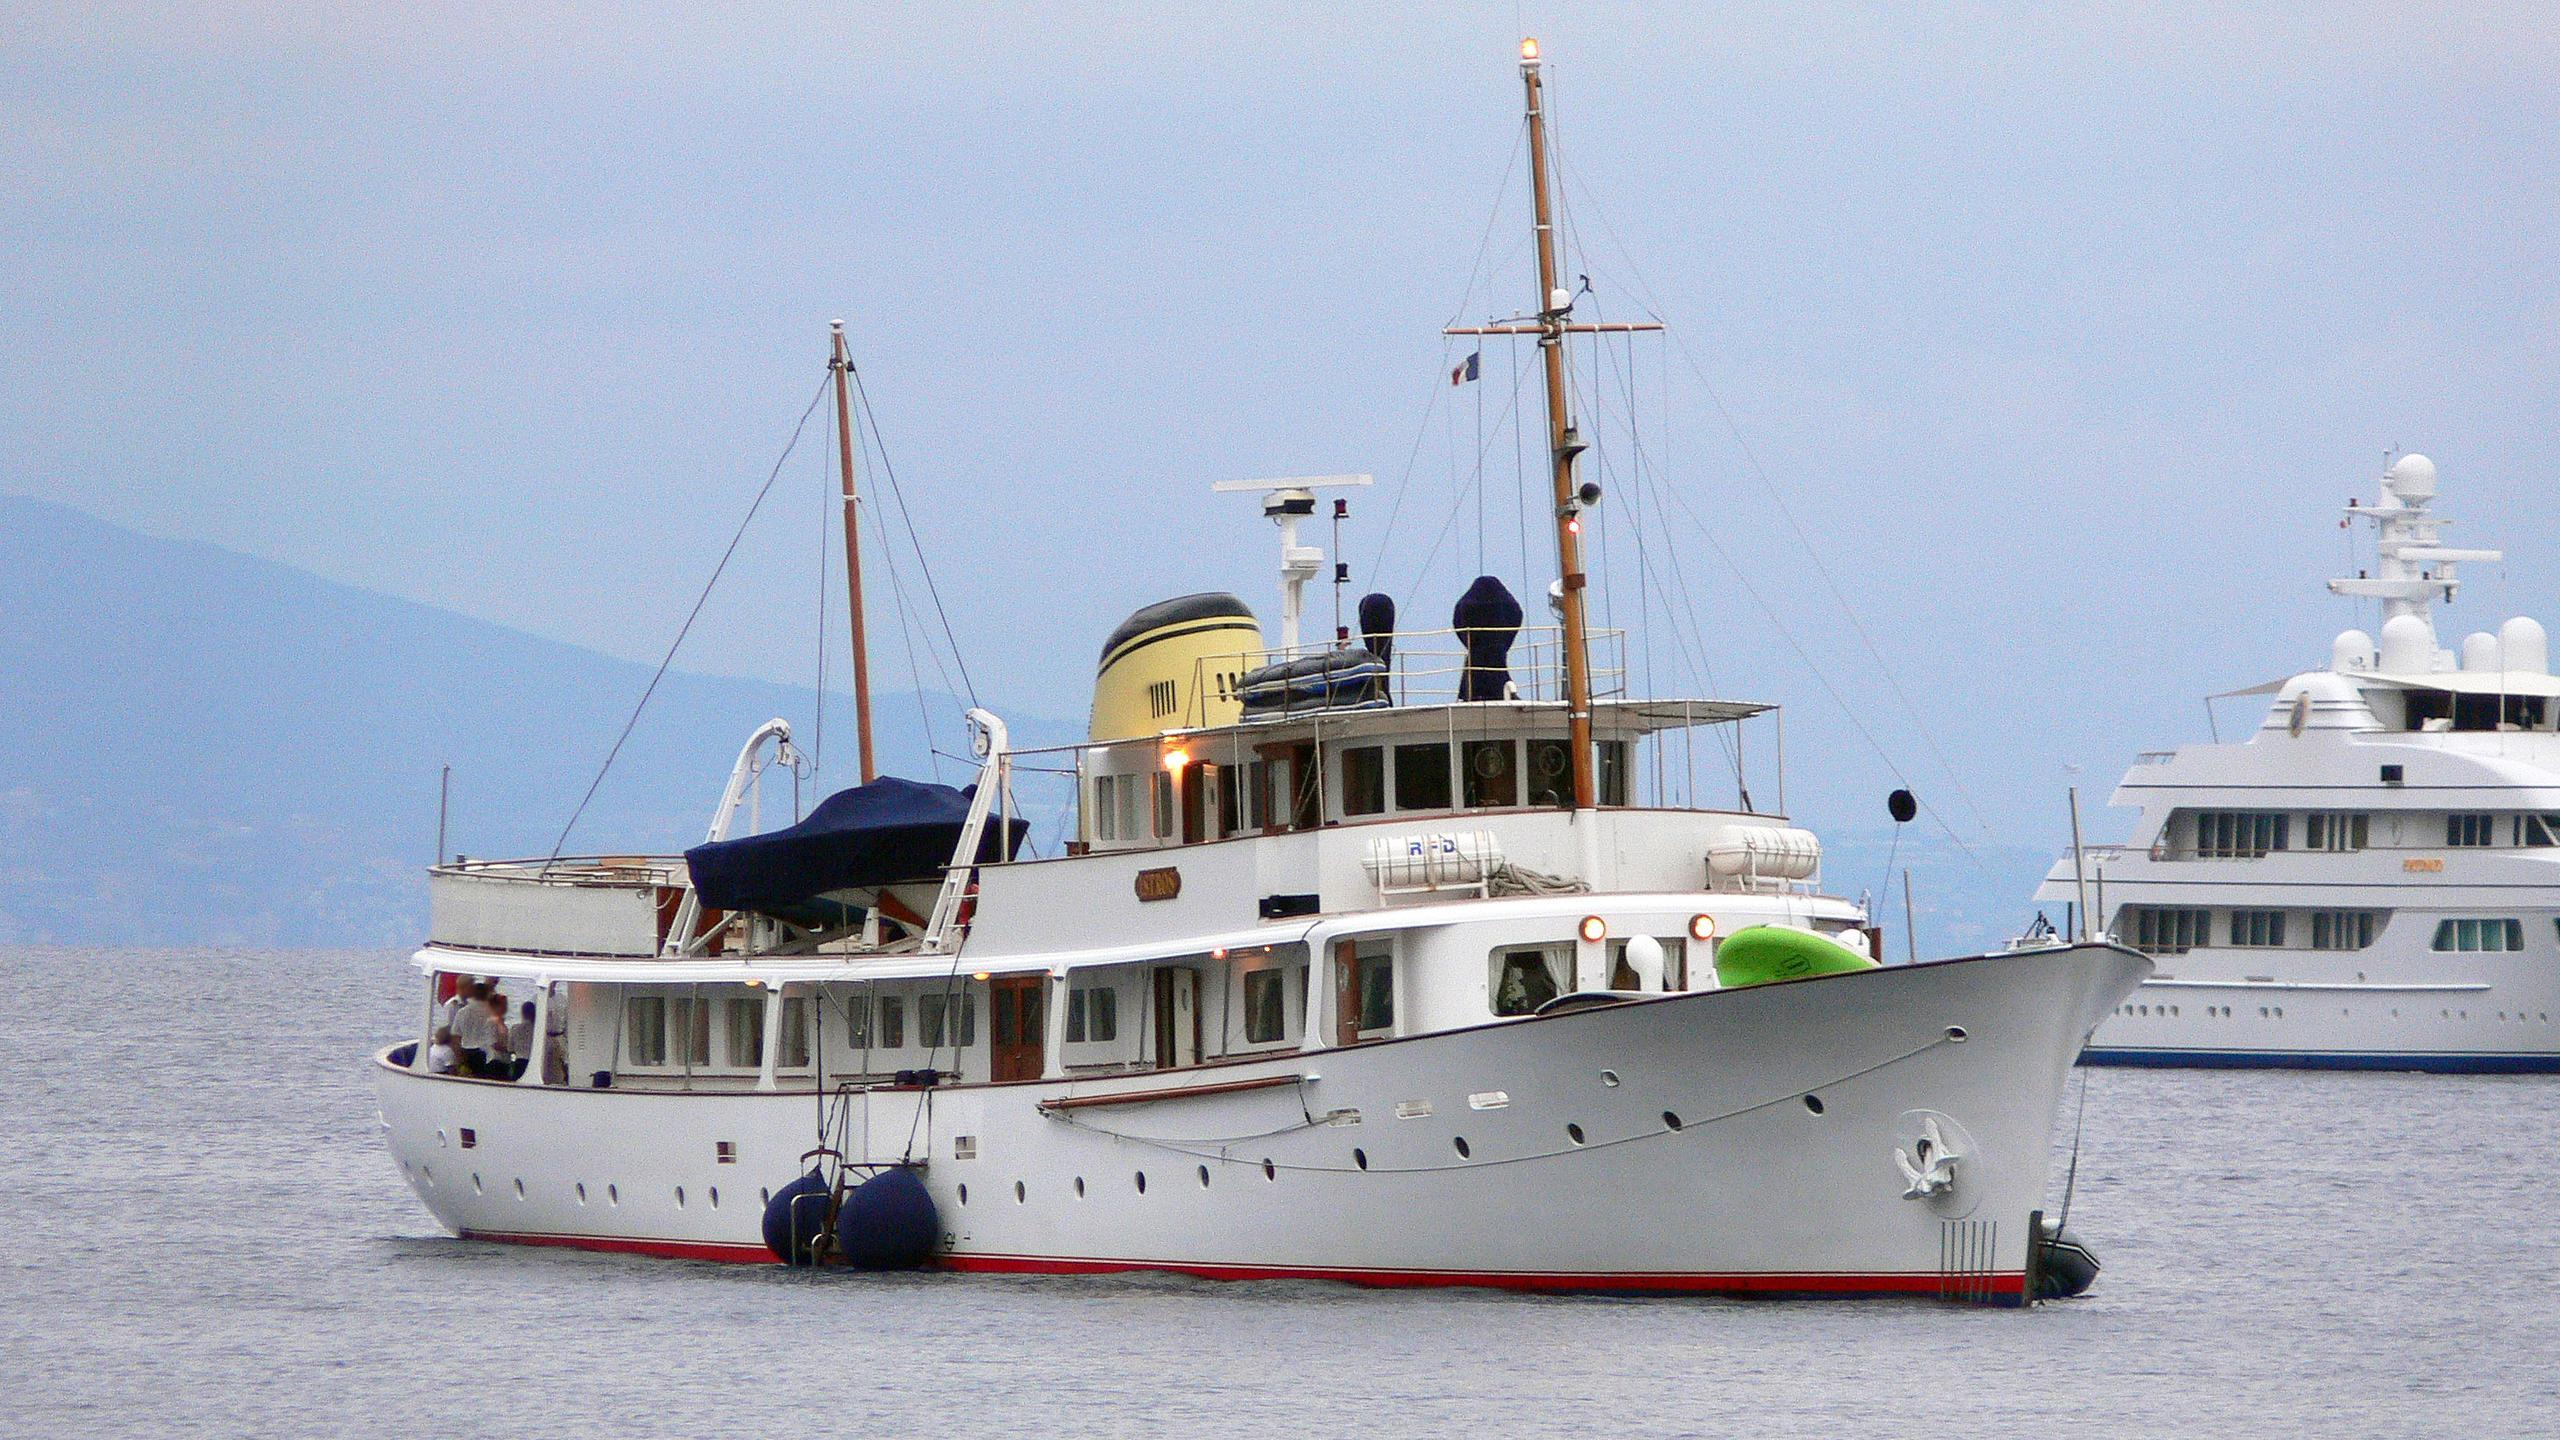 istros-motor-yacht-de-vries-lentsch-1954-42m-bow